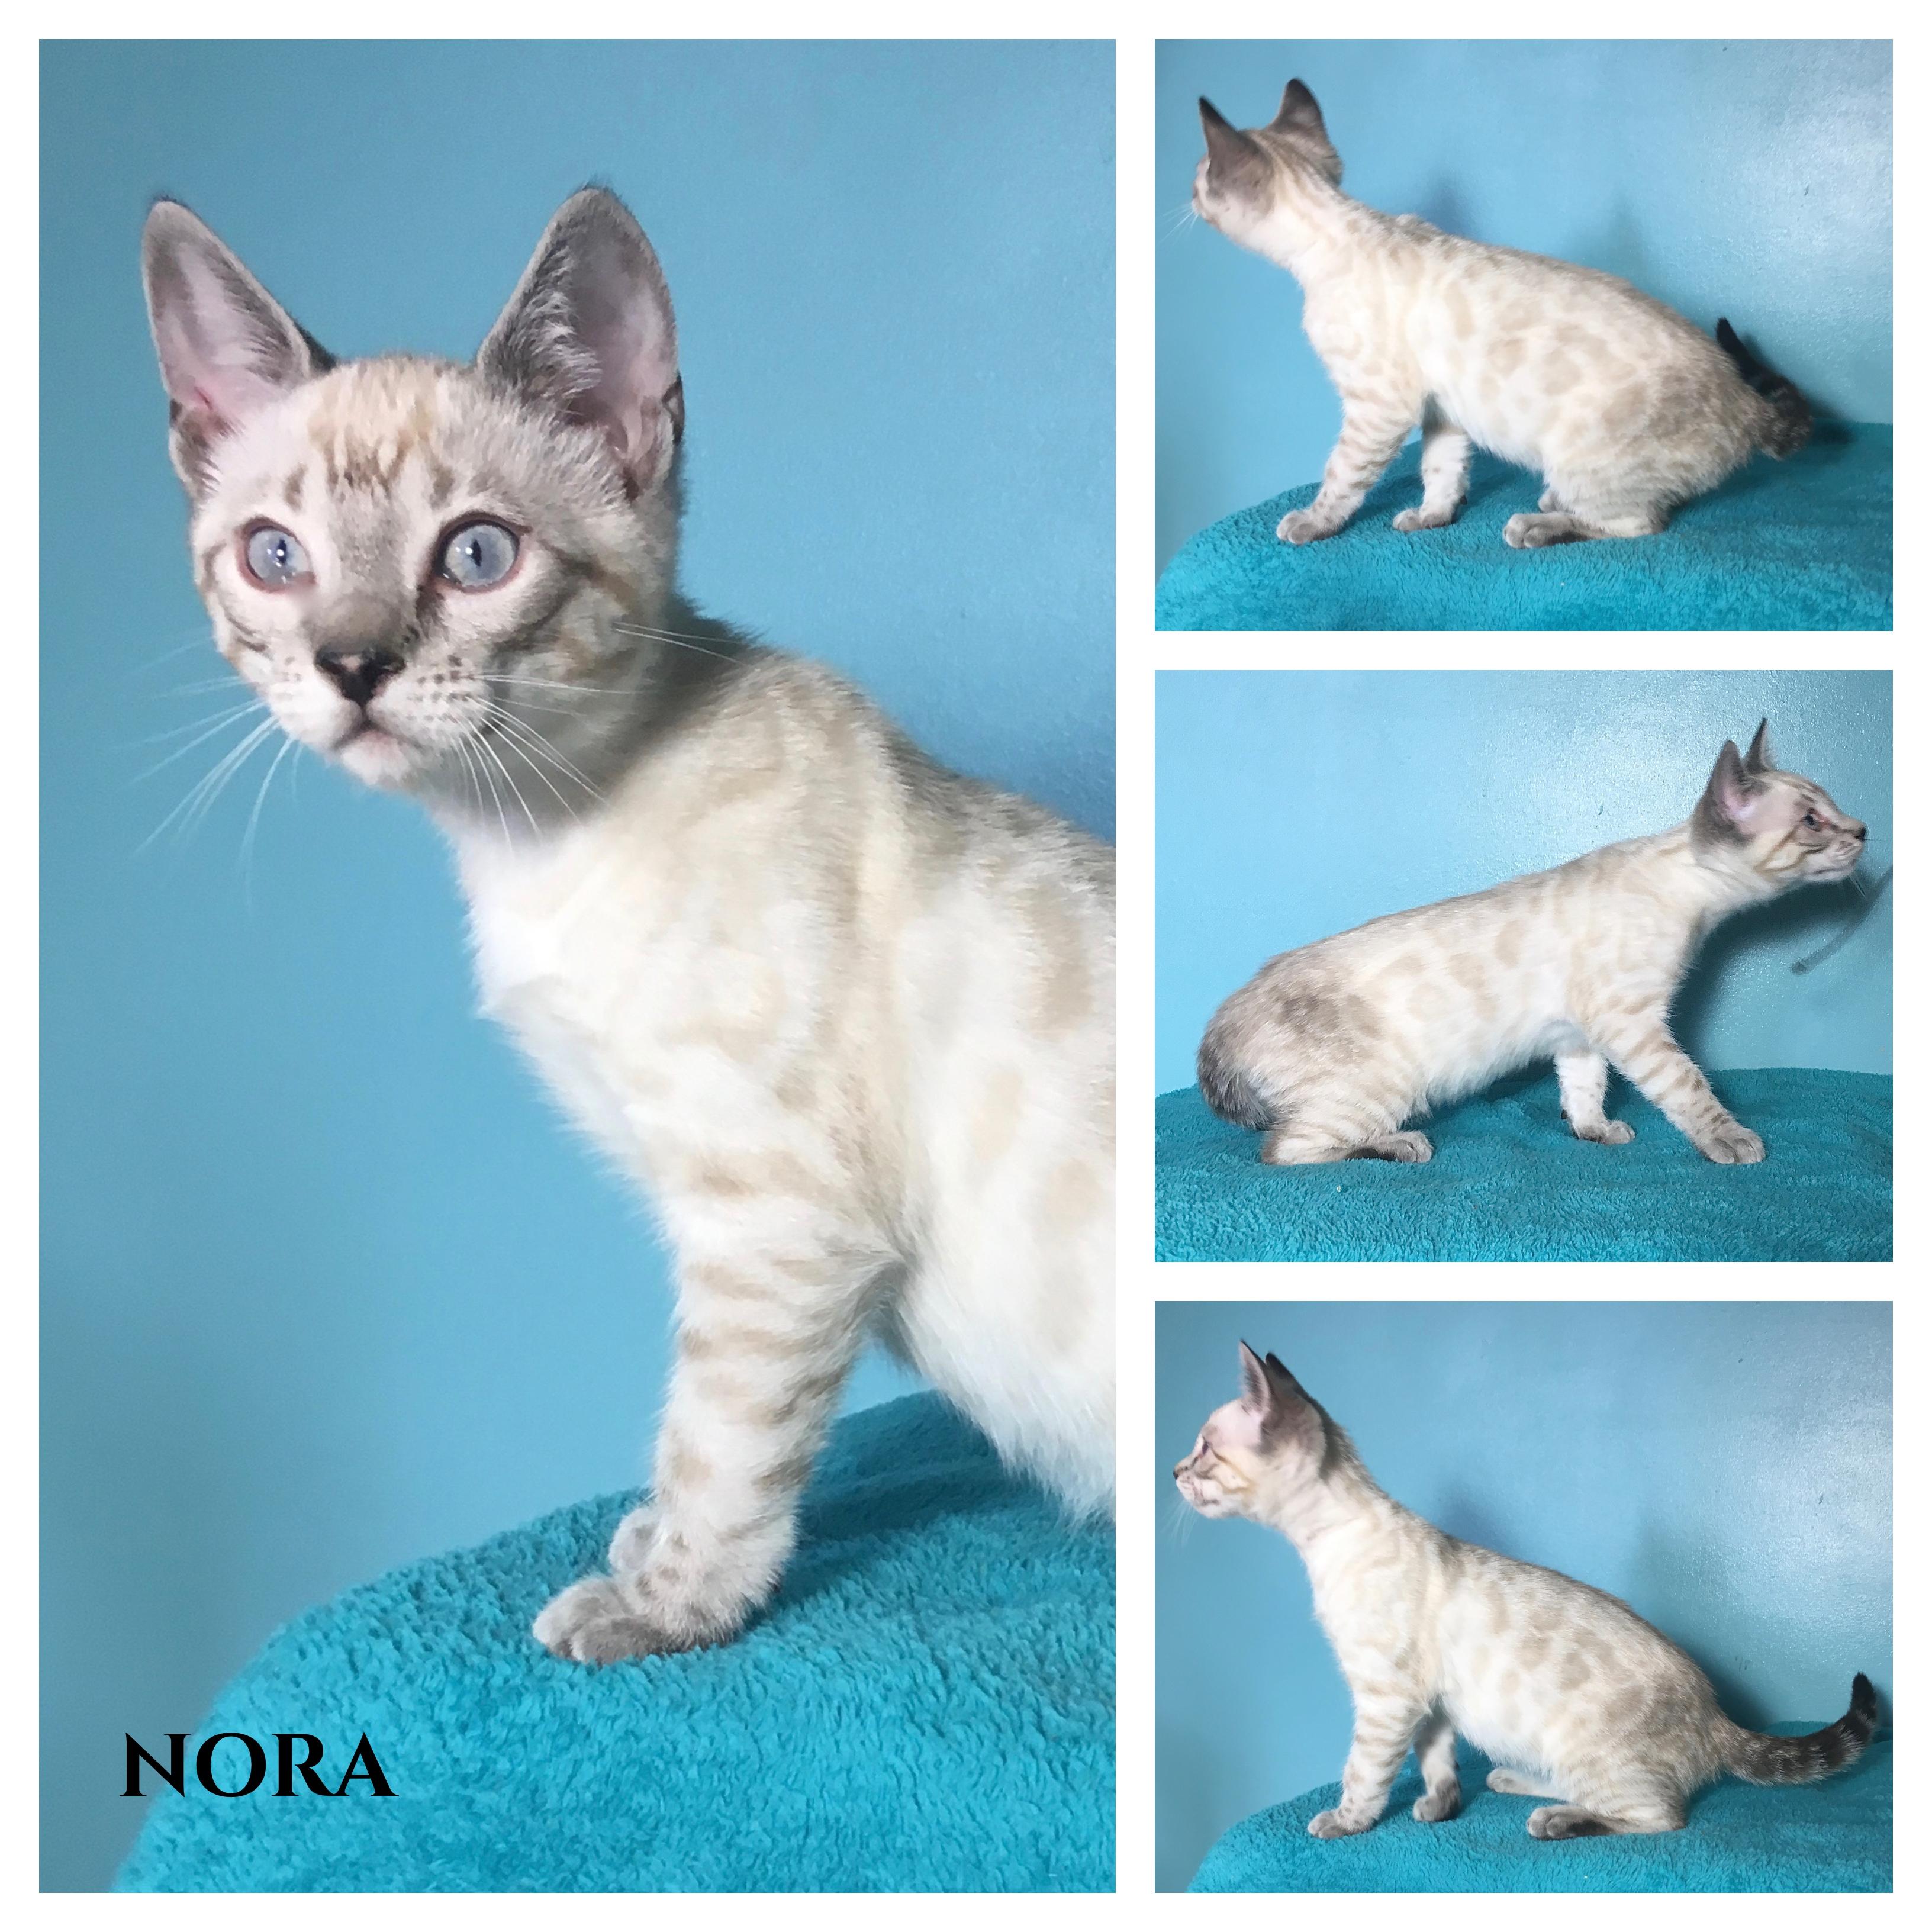 Nora 14 weeks